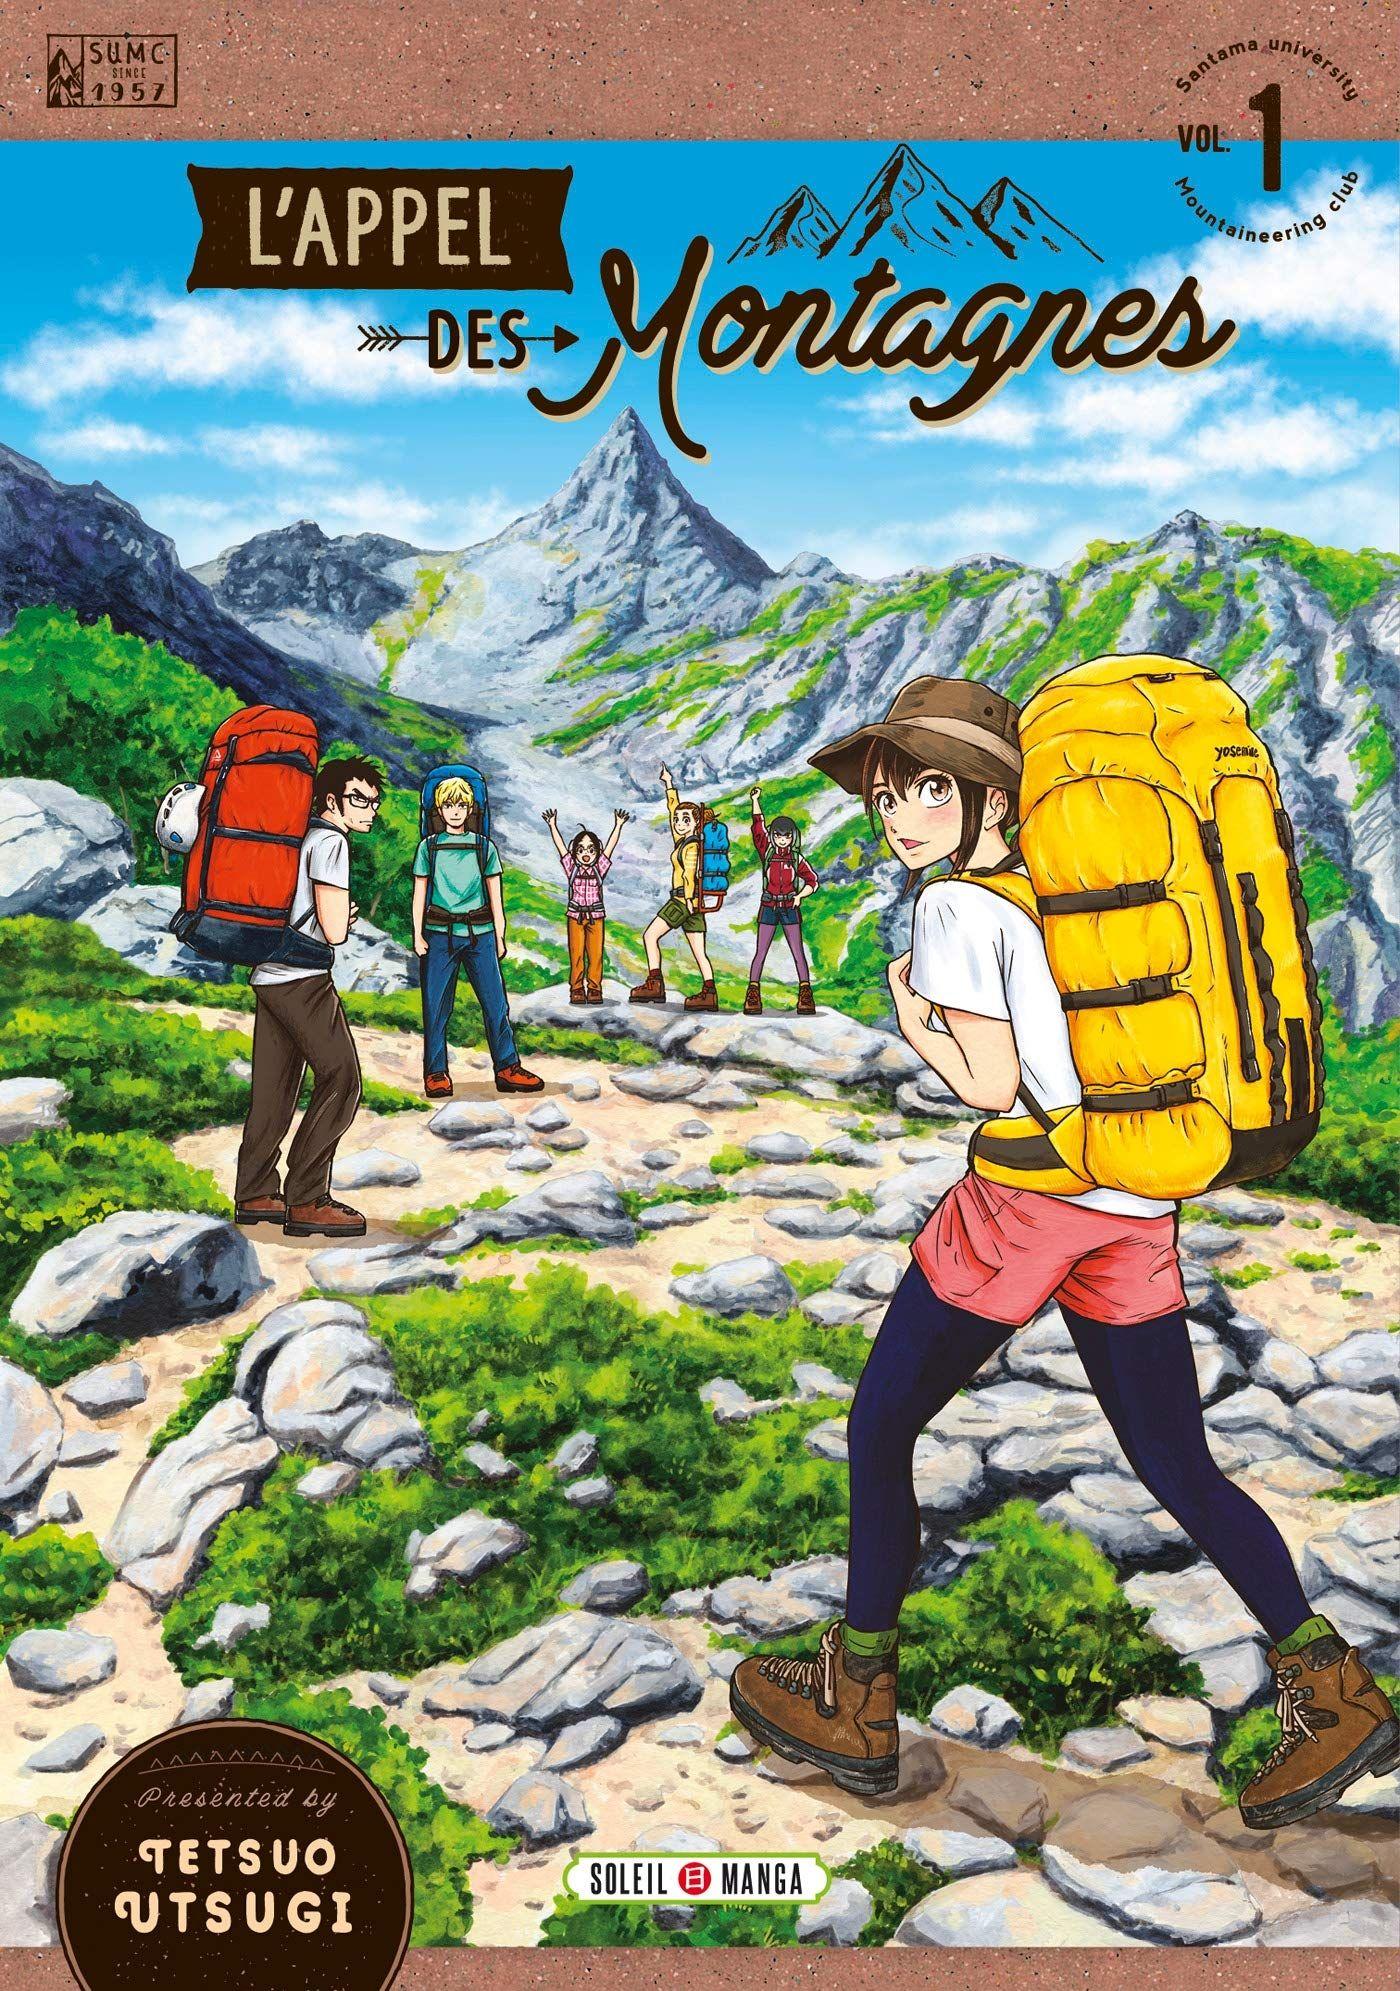 Sortie Manga au Québec JUIN 2021 Appel_des_montagnes_1_soleil